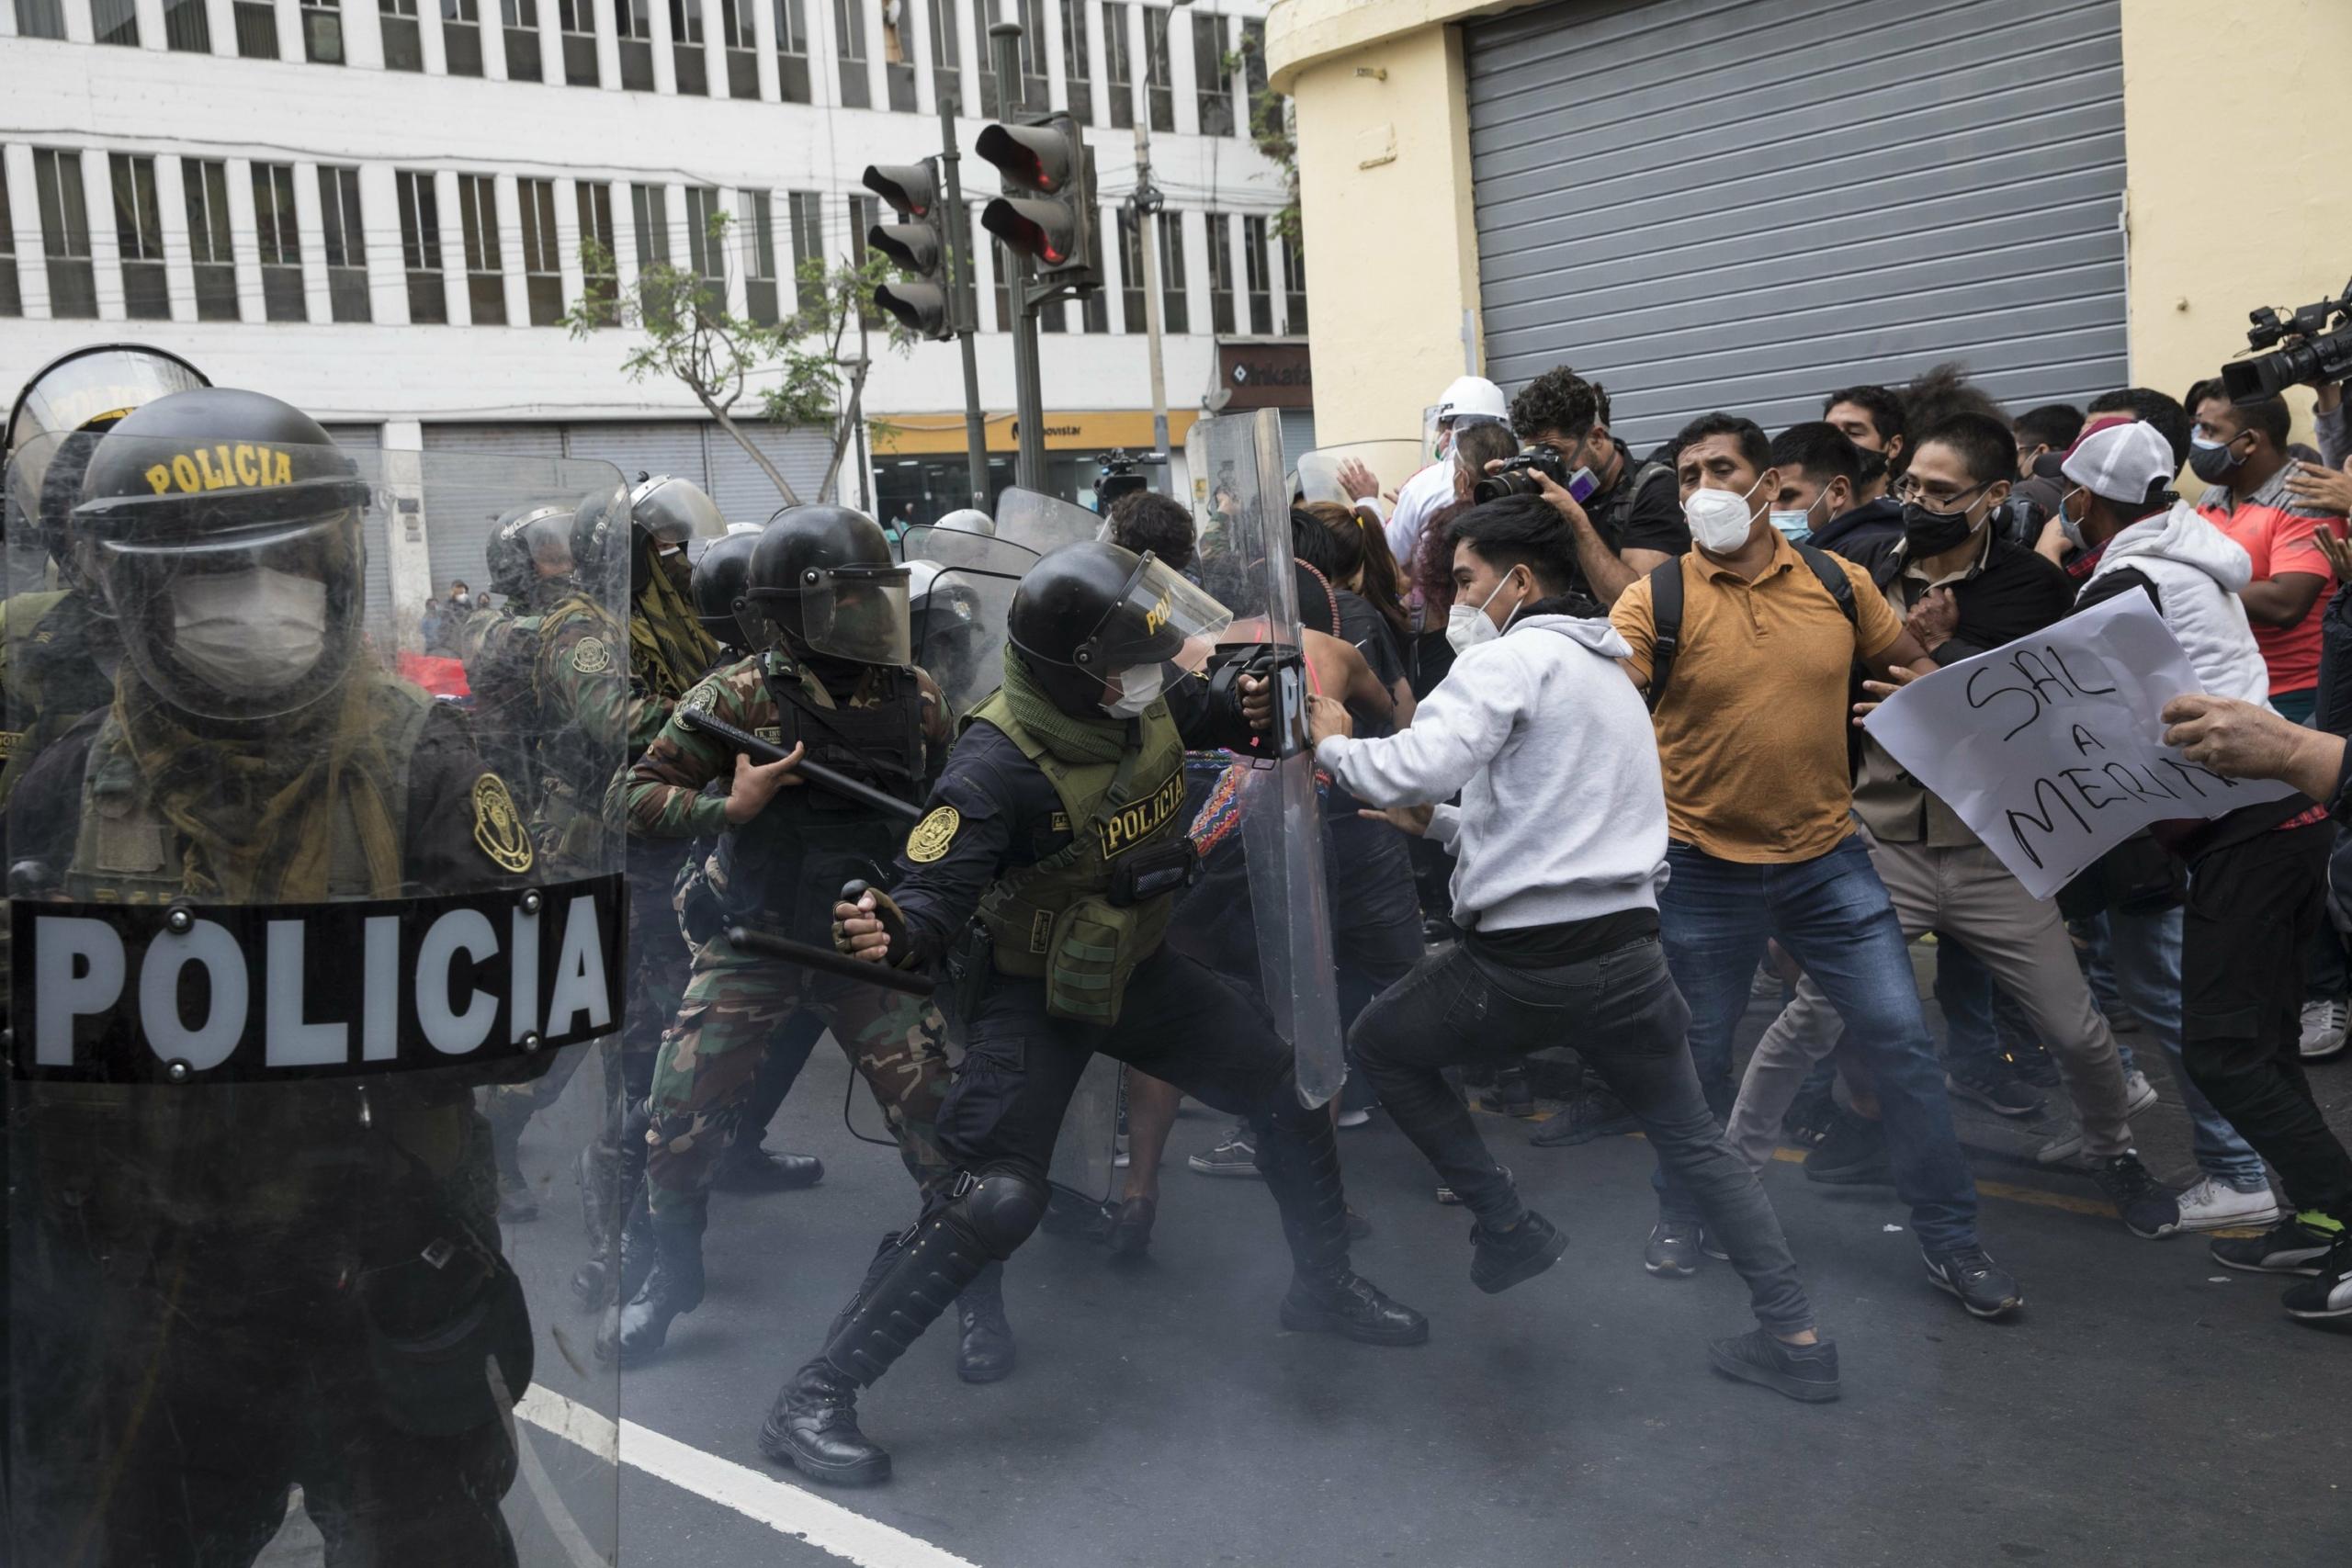 Perú: Protestas y disturbios tras juramentación de Manuel Merino como nuevo presidente